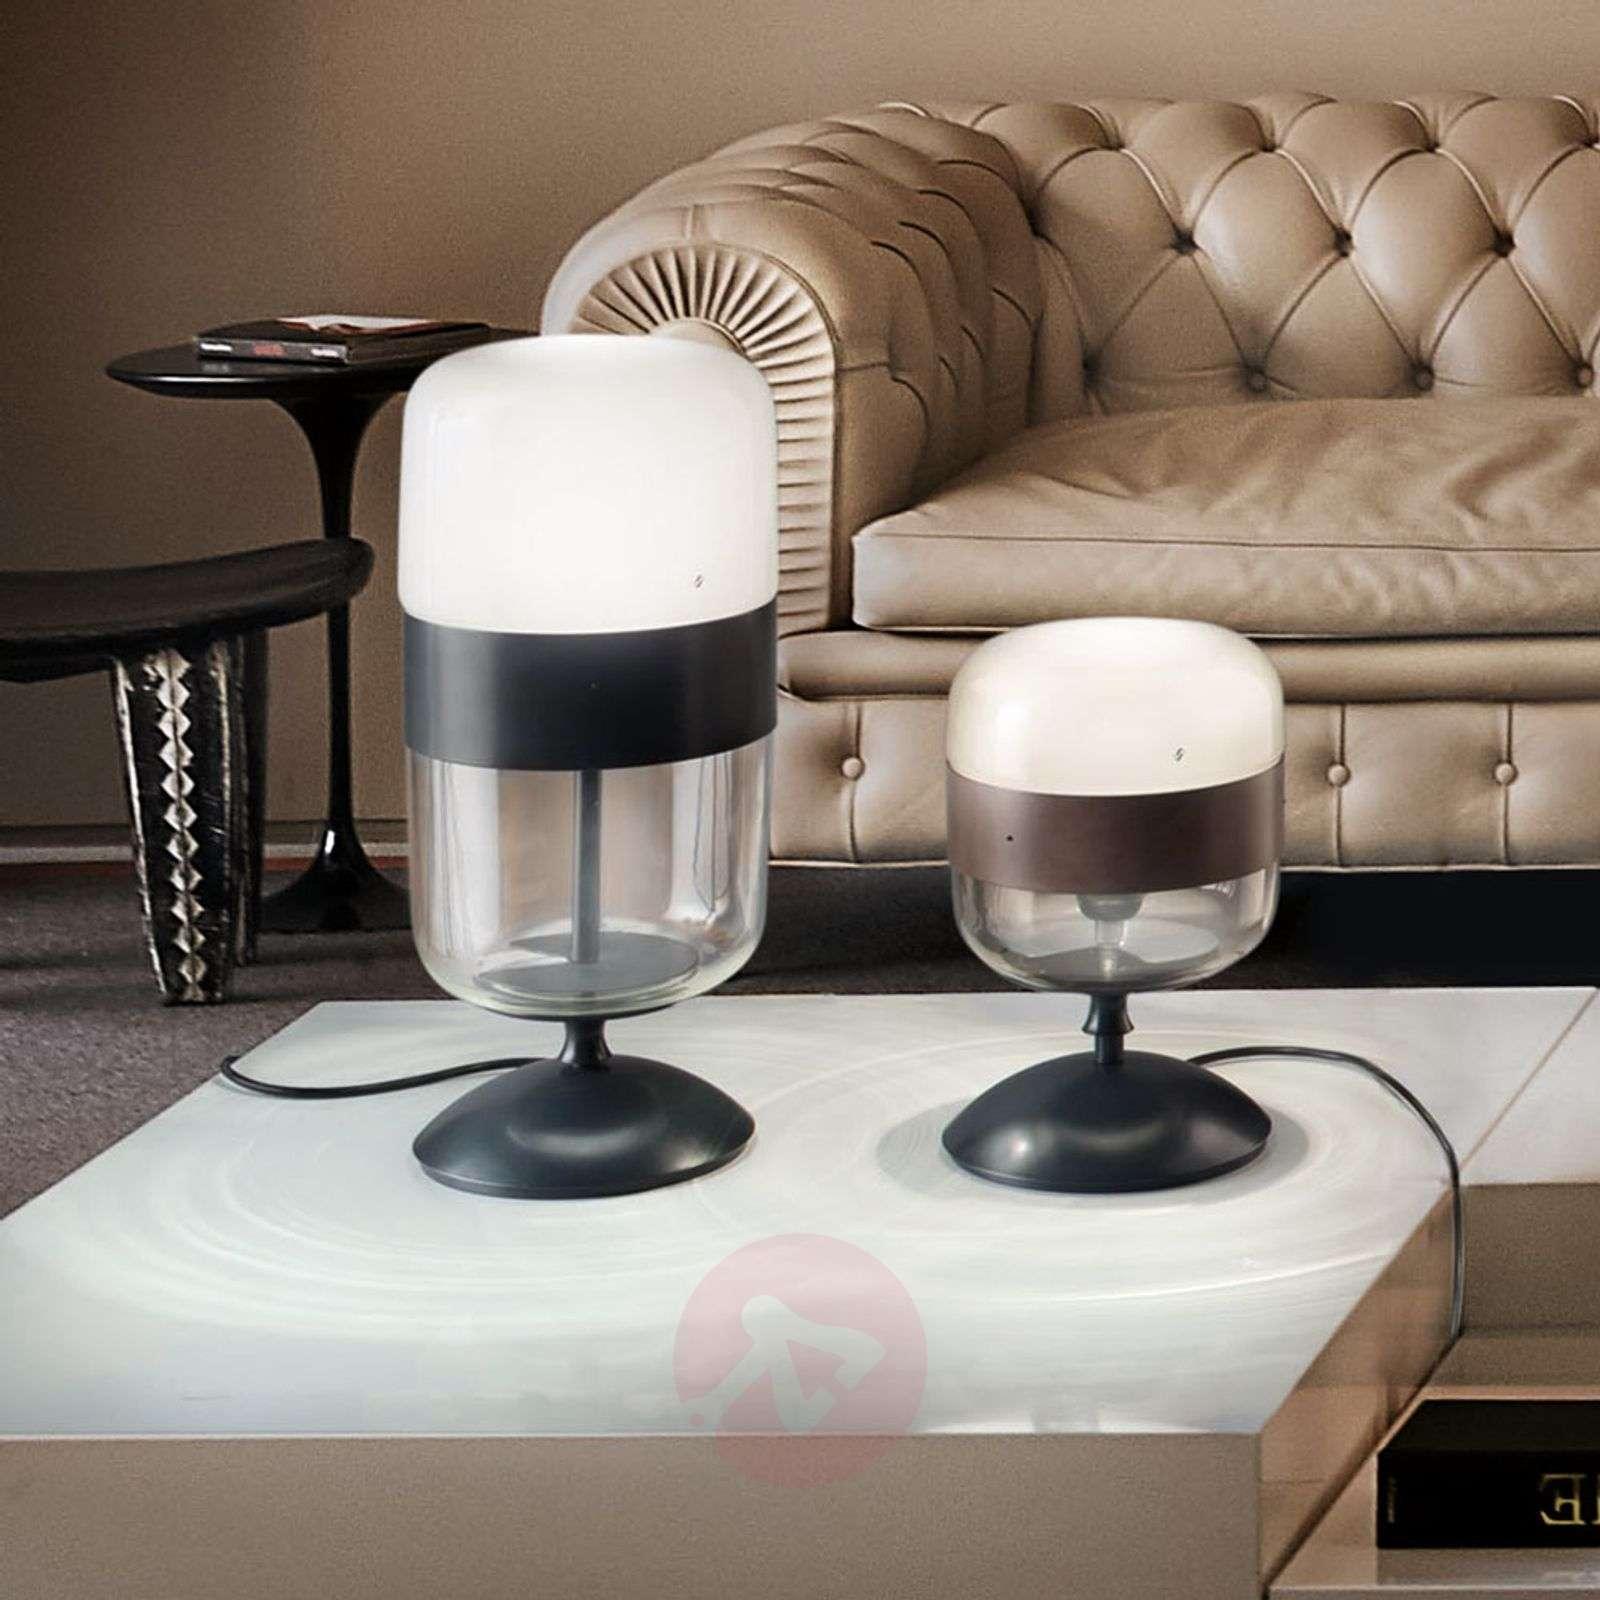 Designer glass table lamp, 29 cm-9508141-01